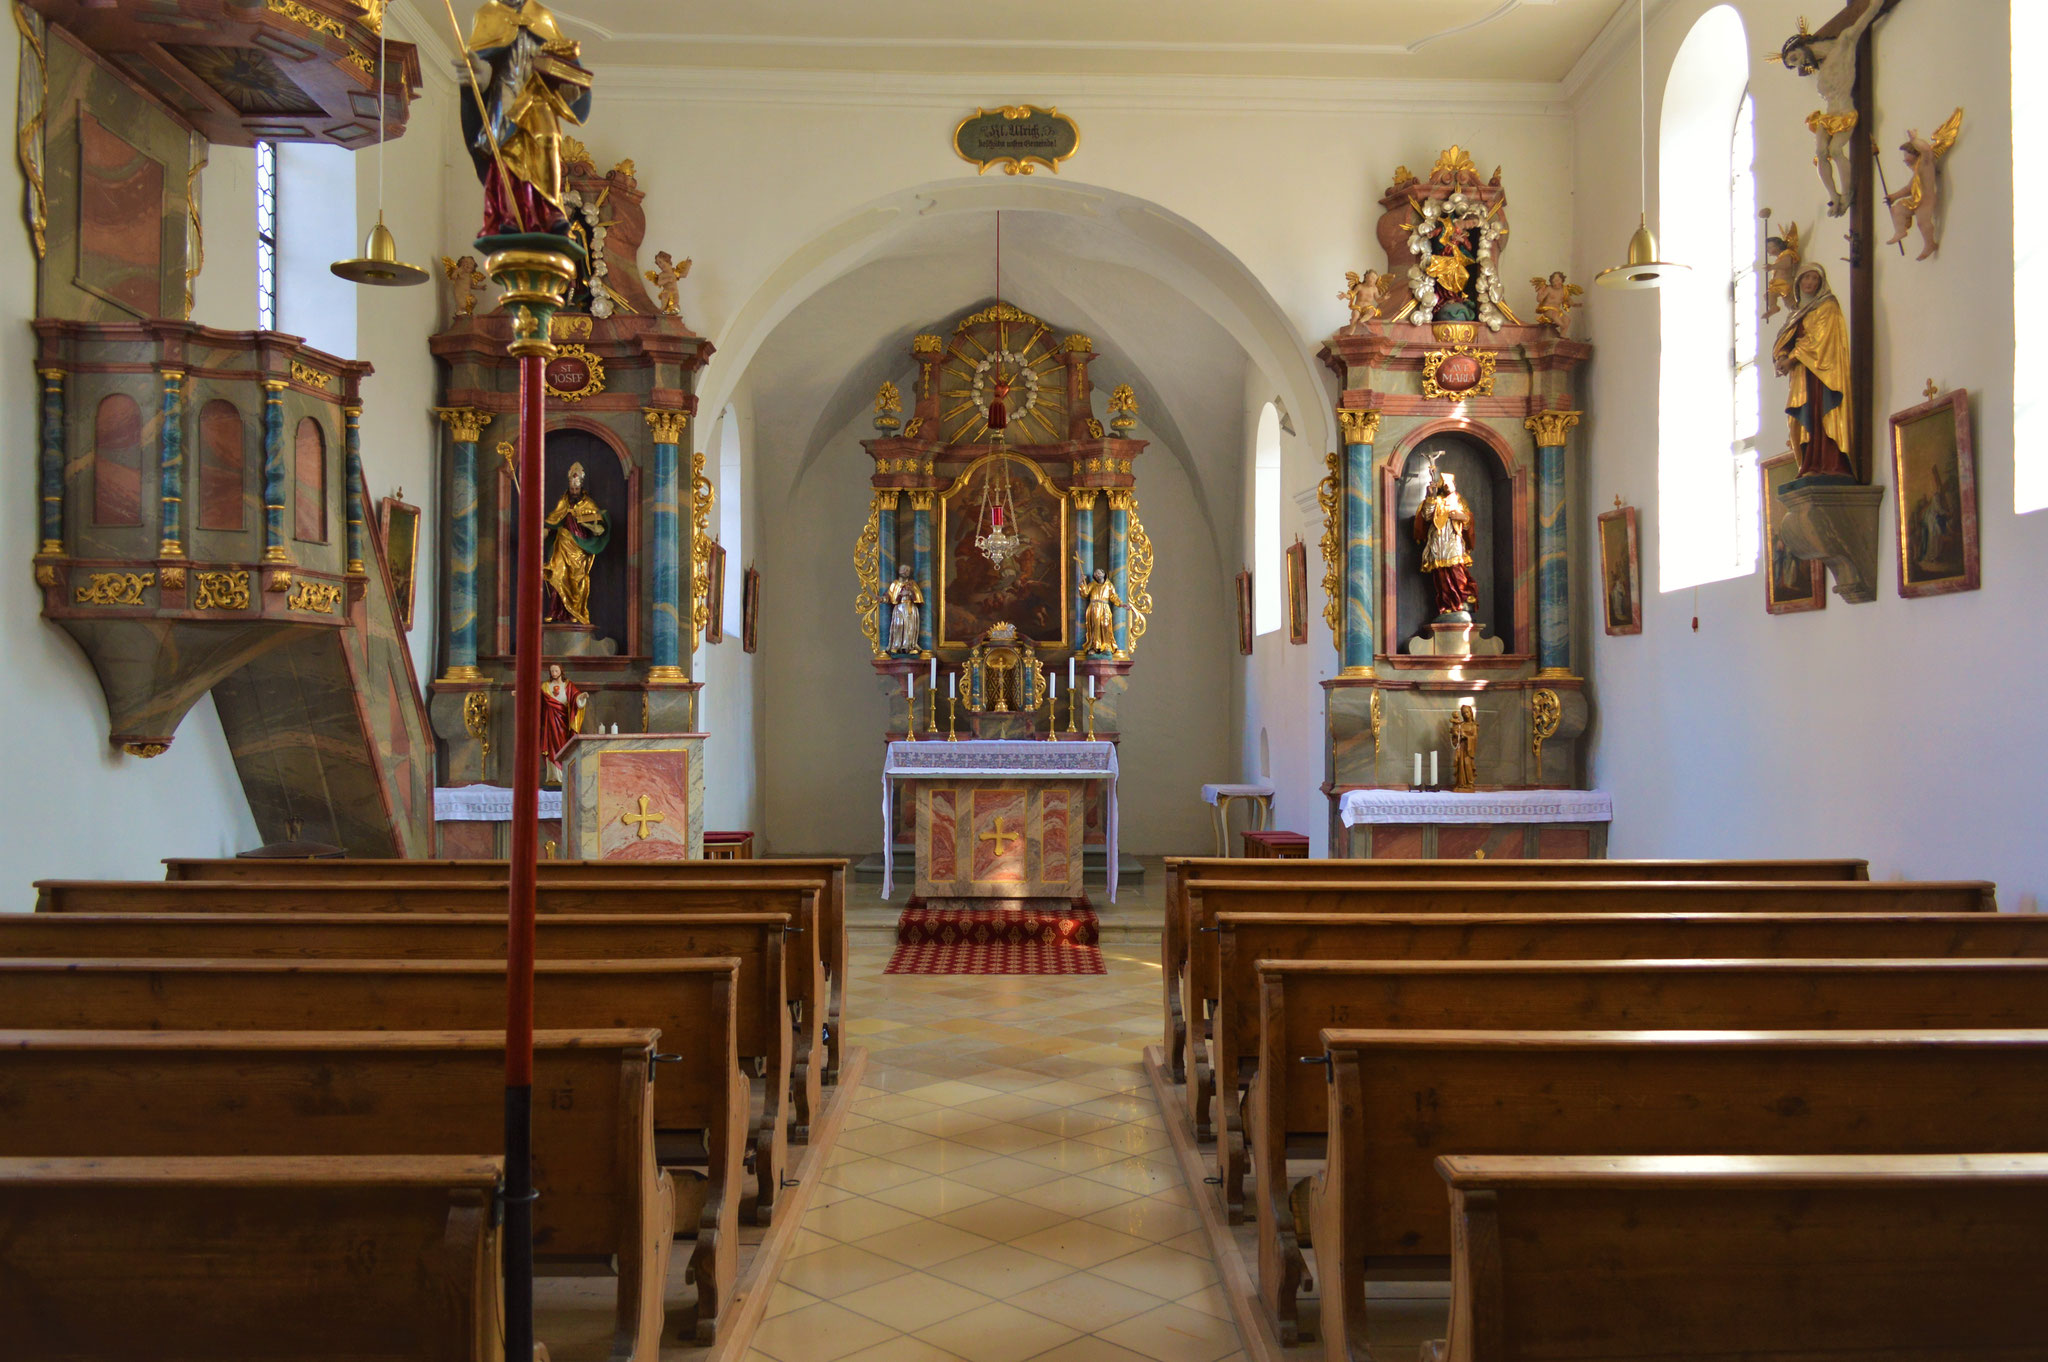 Mittelschiff und Altarraum des Altbaus